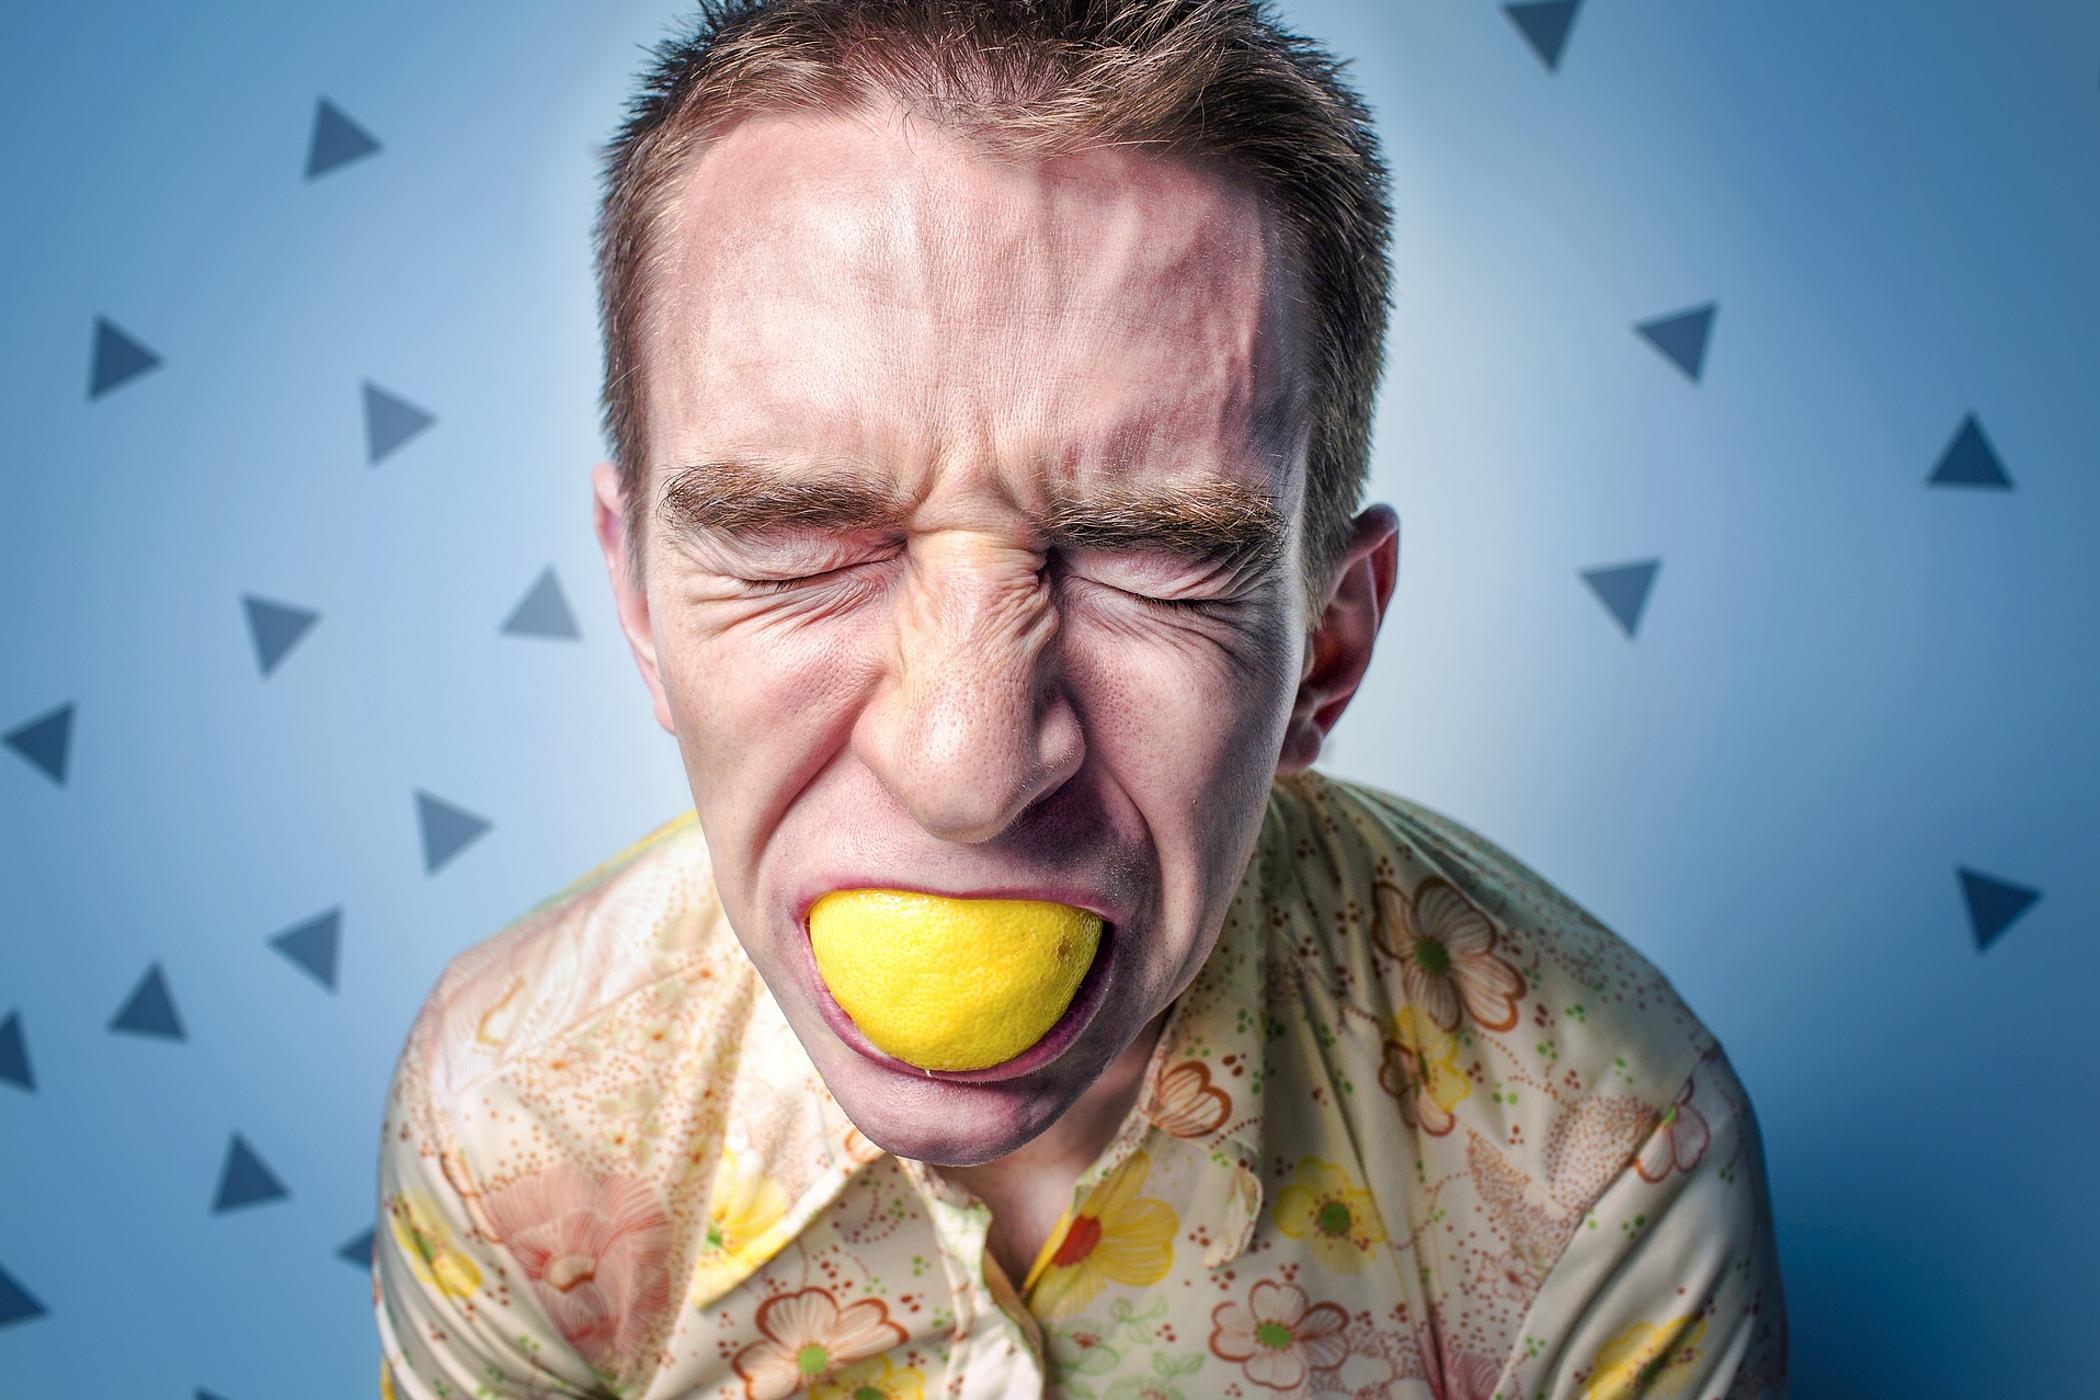 Muž s citronem